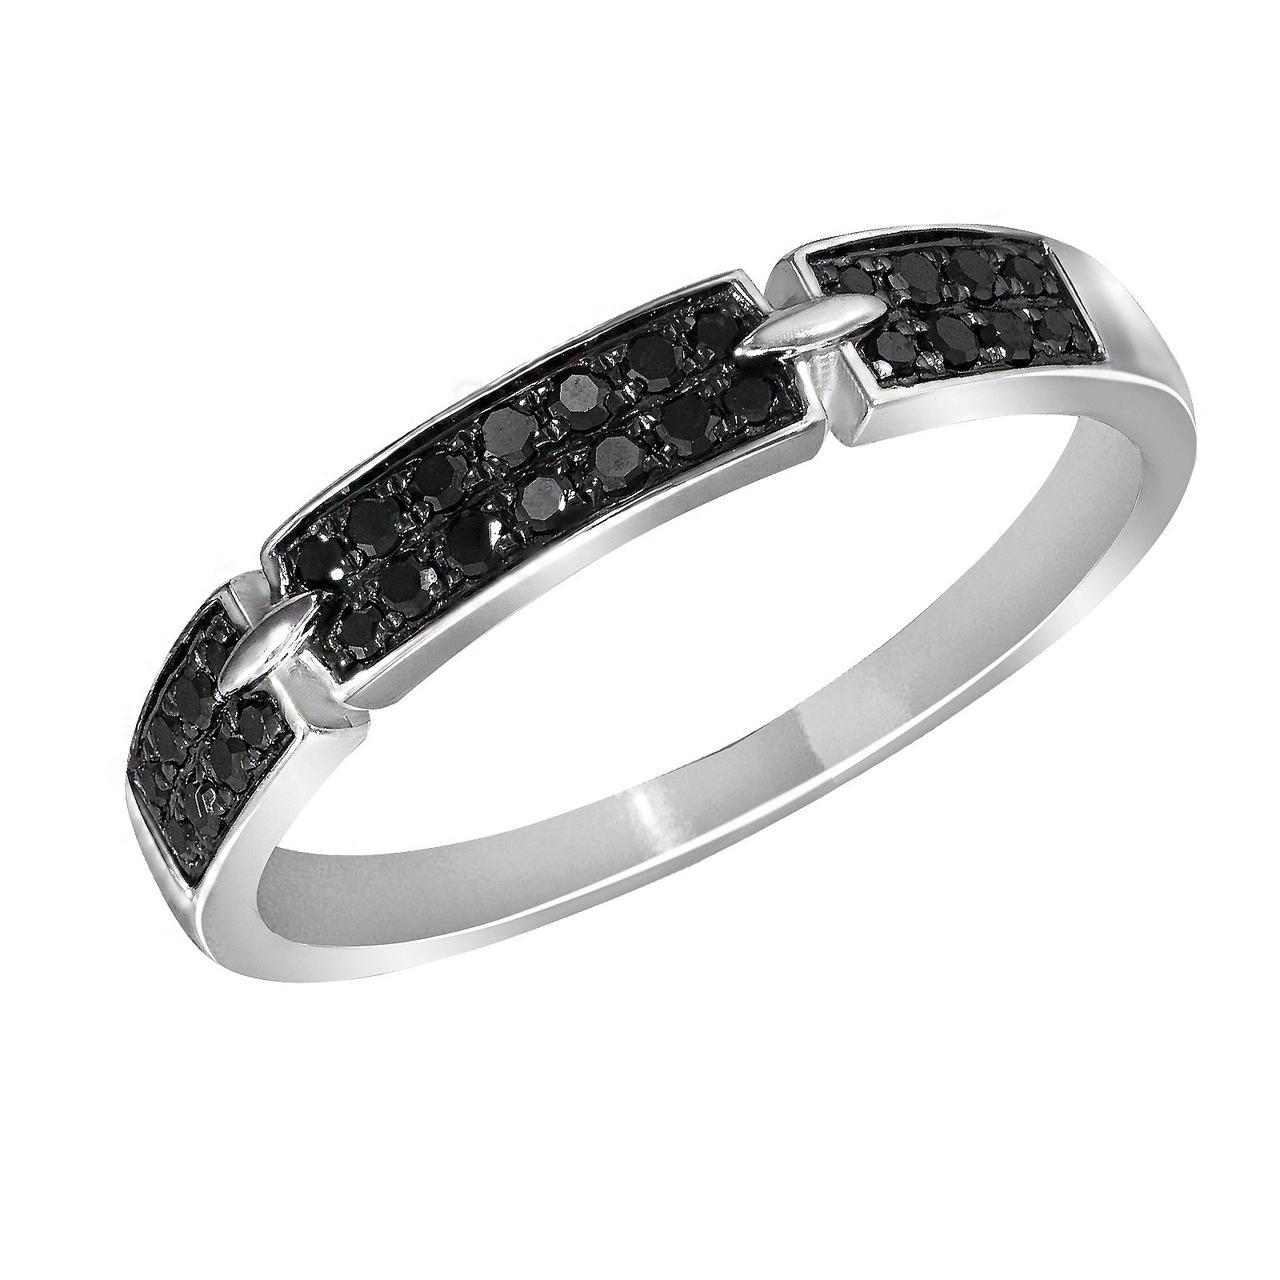 Золотое кольцо с бриллиантами, размер 19 (1616697)